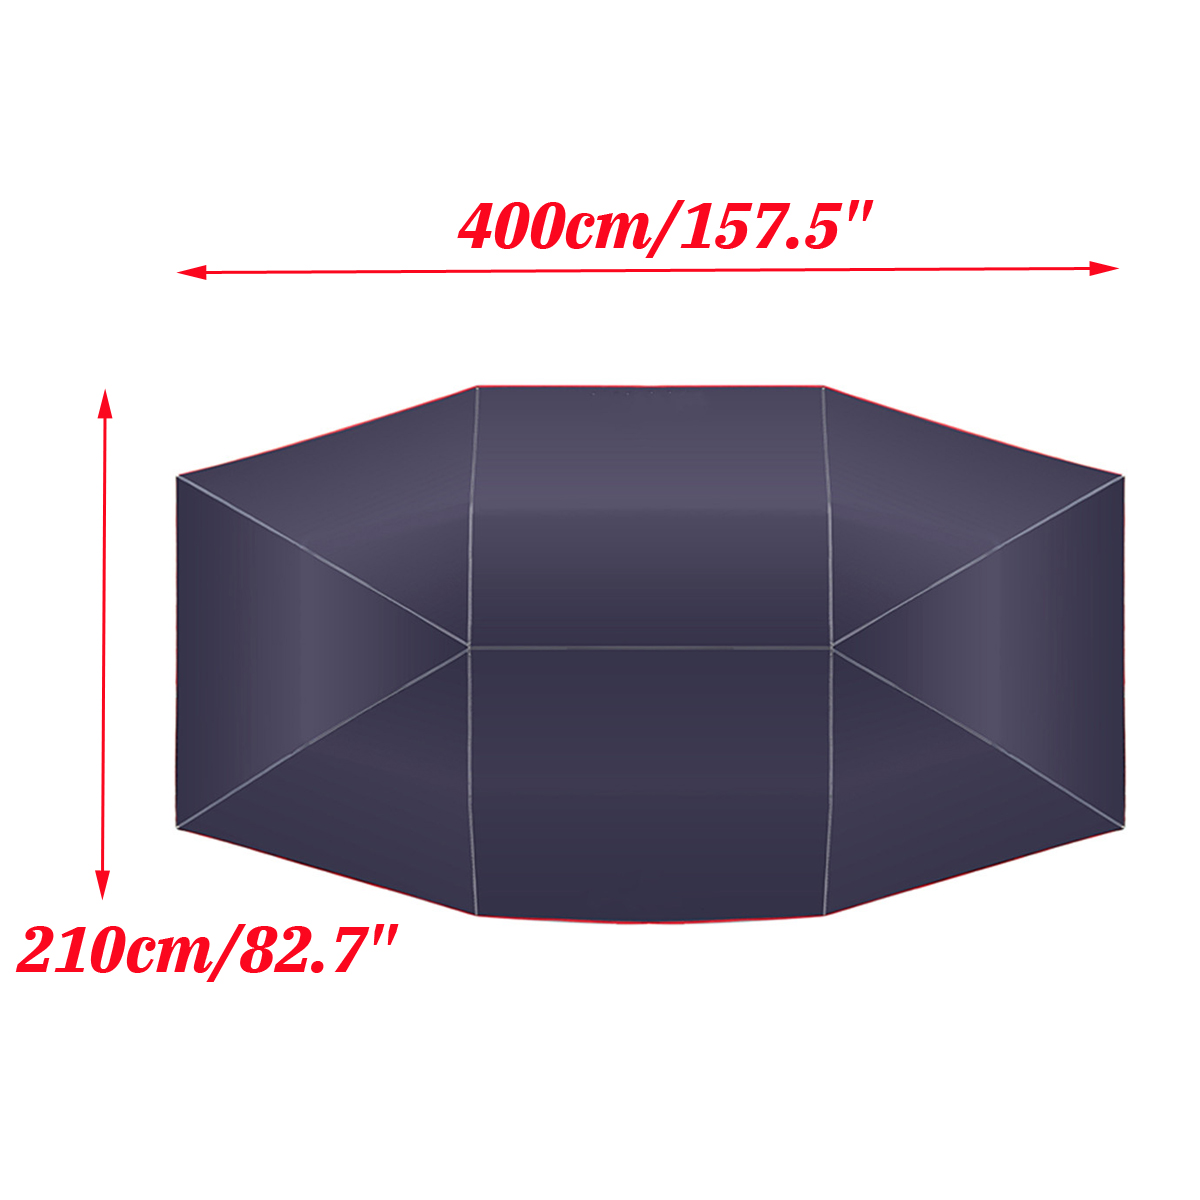 Voiture parapluie soleil ombre couverture extérieure voiture véhicule tente Oxford tissu Polyester couvre 400x210 cm bleu/argent sans support - 4